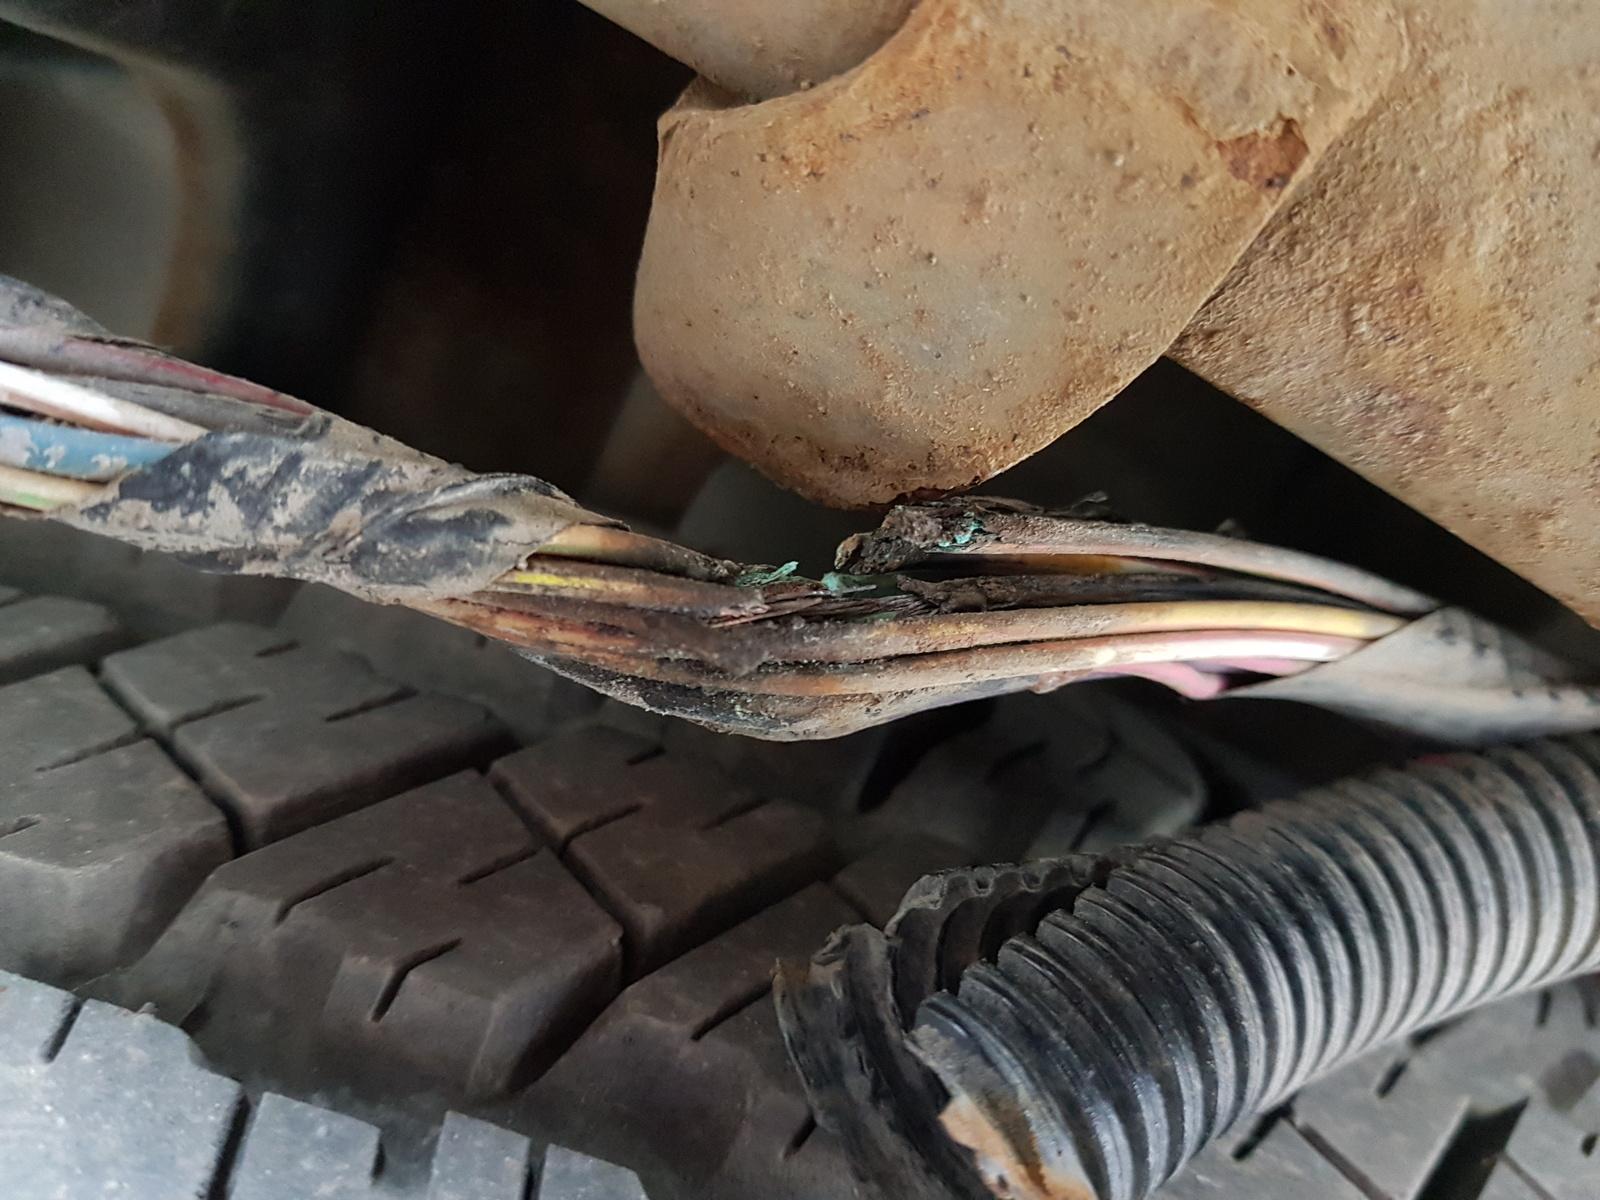 2004 Dodge Durango Headlight Wiring Harness